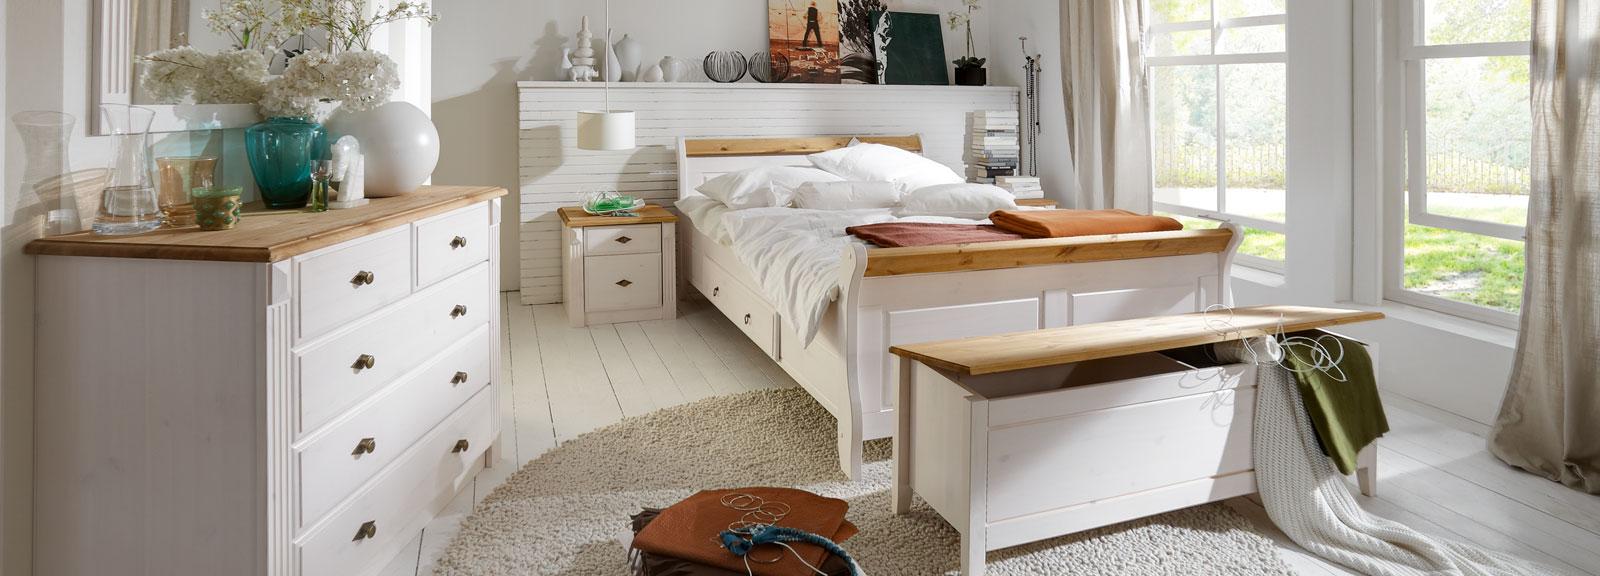 Full Size of Massivholz Schlafzimmer Schrank Schränke Esstisch Ausziehbar Weiss Komplett Stuhl Komplette Betten Set Mit überbau Für Kommode Weiß Wandleuchte Stehlampe Schlafzimmer Massivholz Schlafzimmer